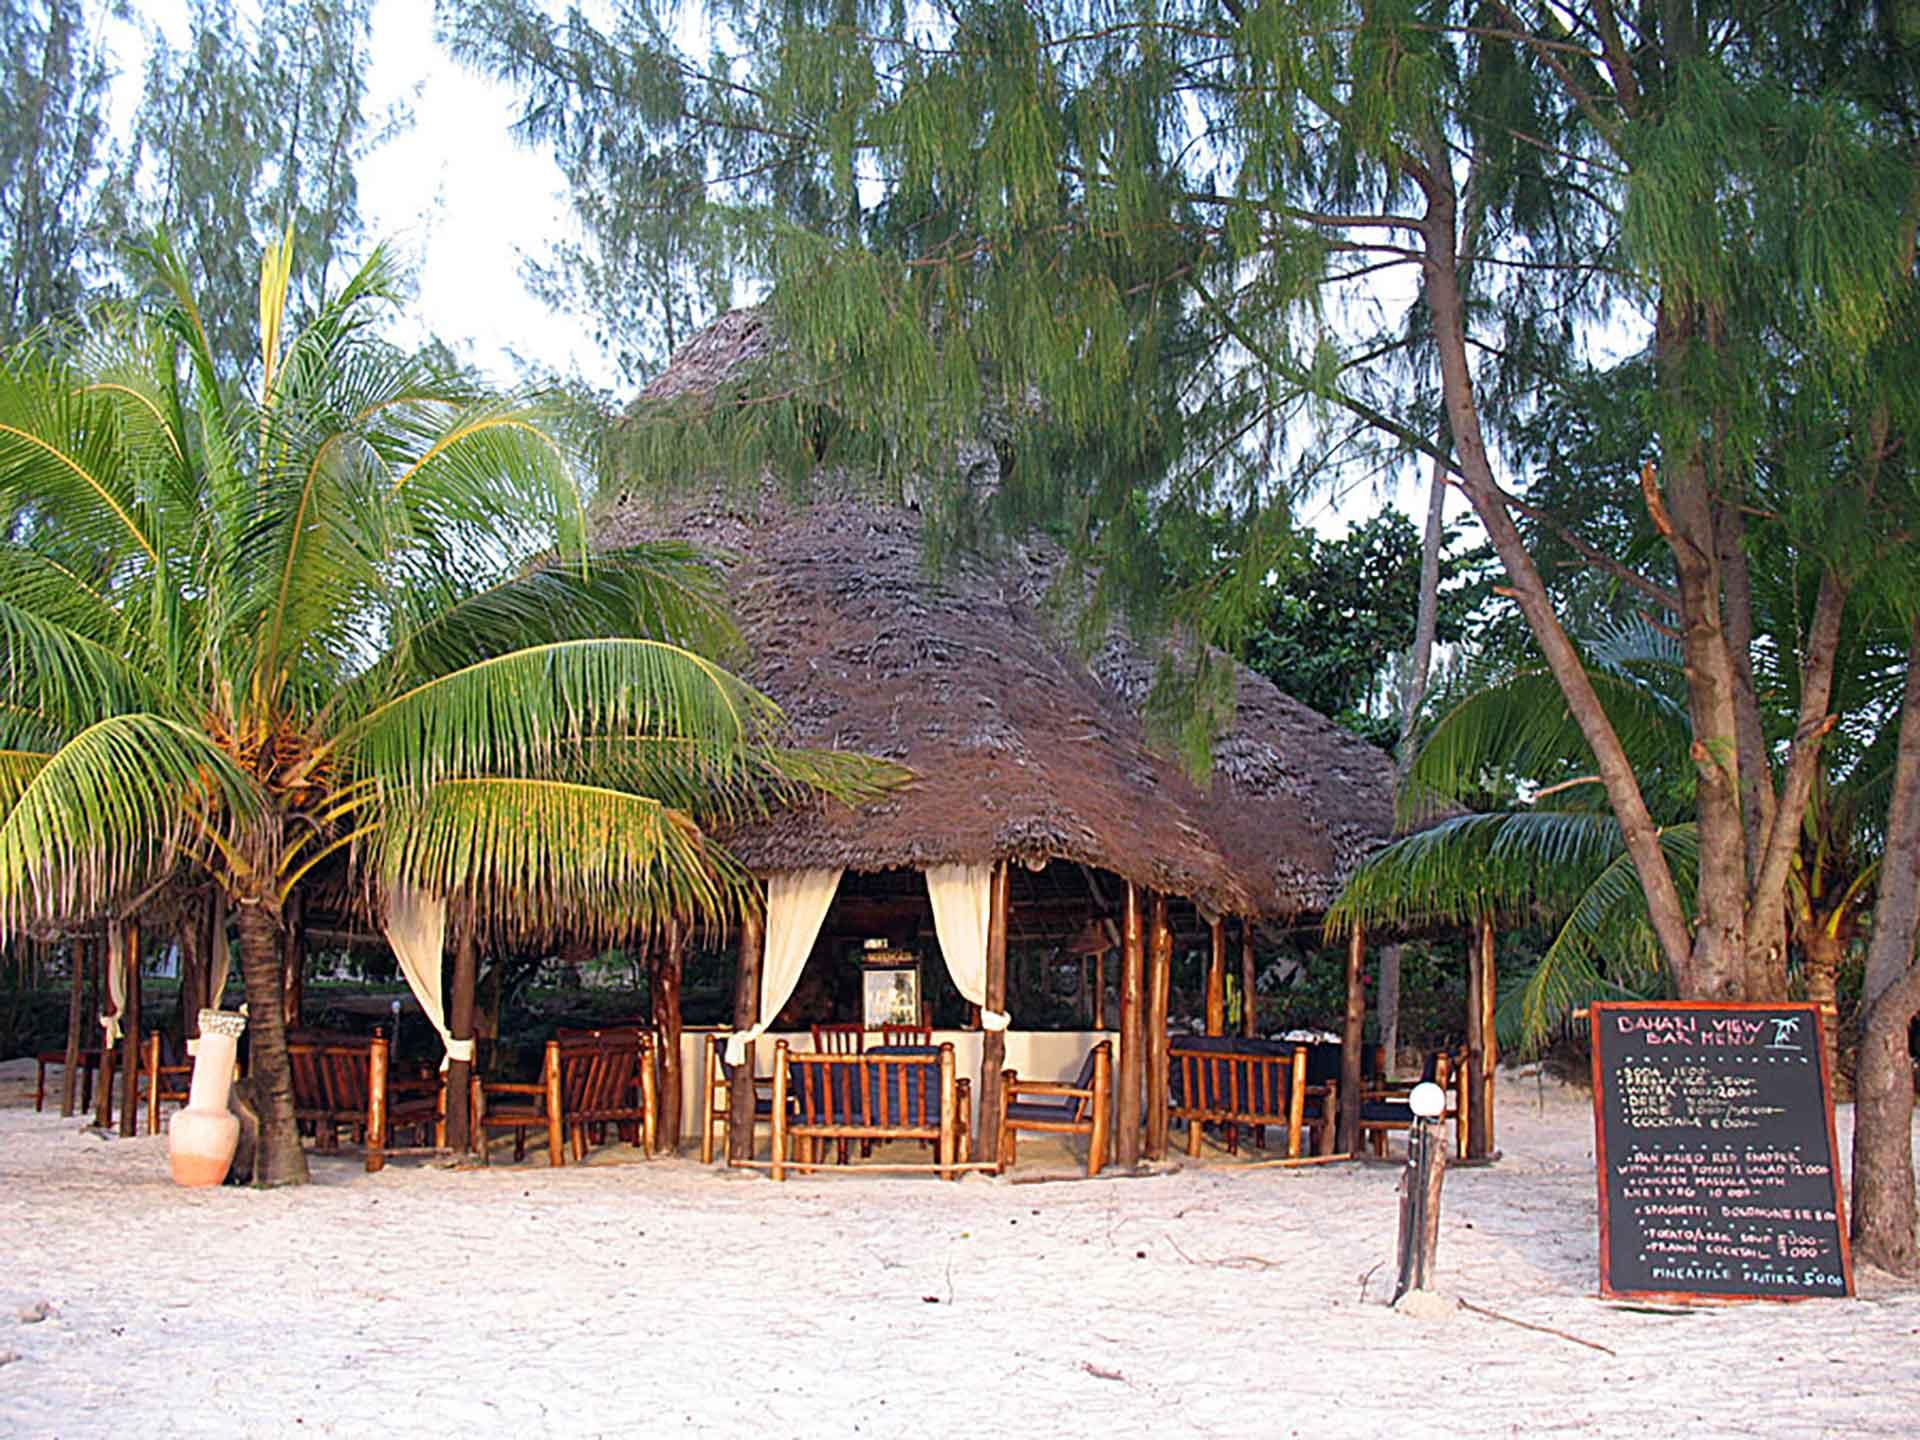 Bahari View Lodge 2022